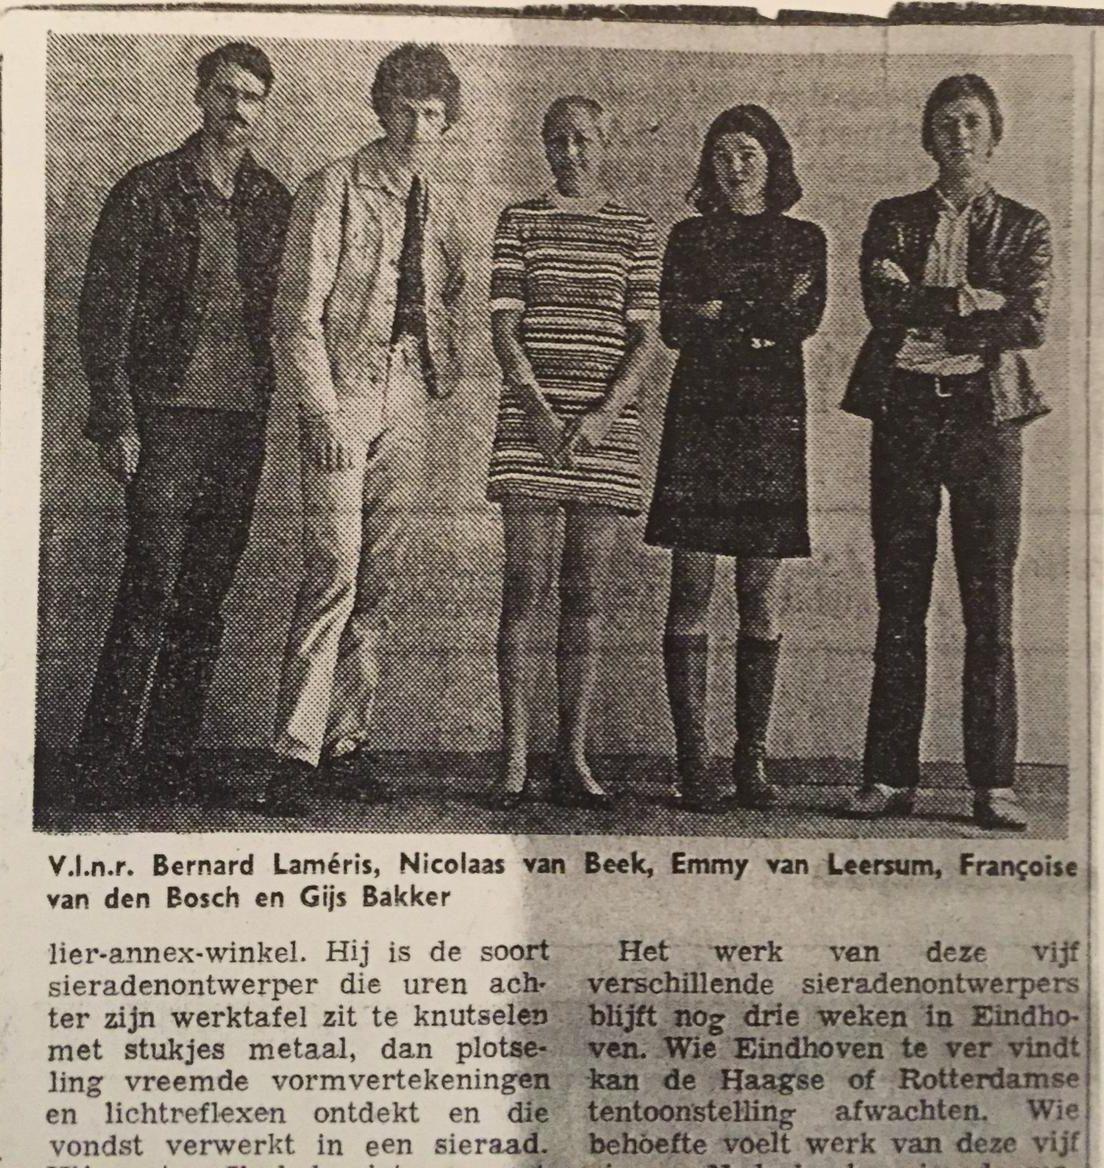 Bernard Laméris, Nicolaas van Beek, Emmy van Leersum, Françoise van den Bosch en Gijs Bakker, portret, krant, drukwerk, papier